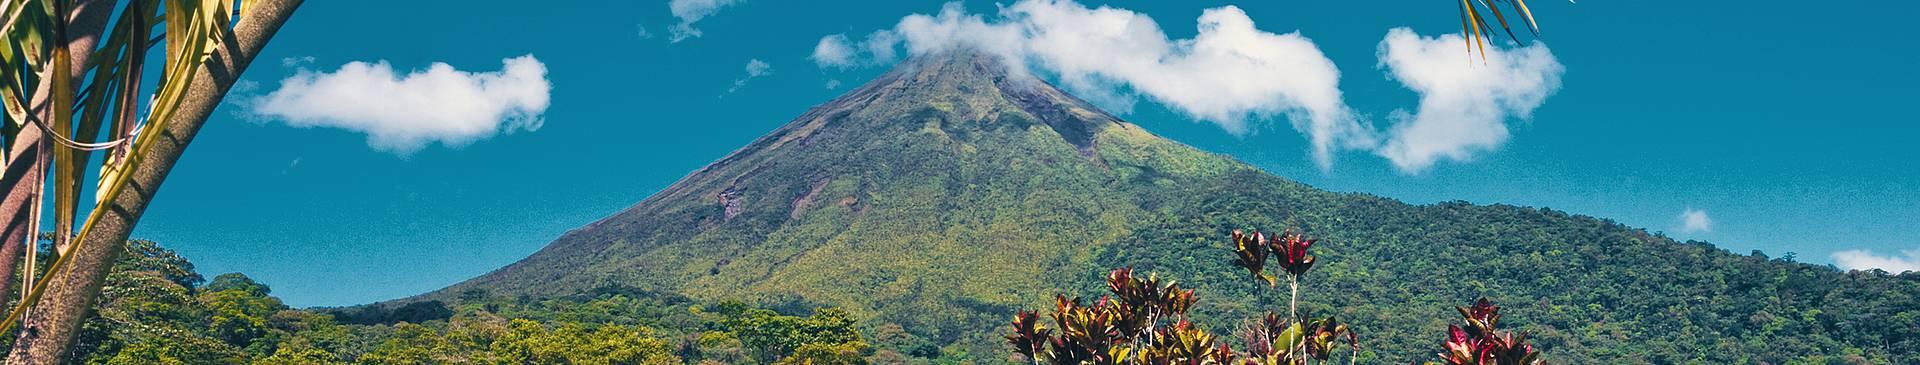 Viajes a Costa Rica en verano